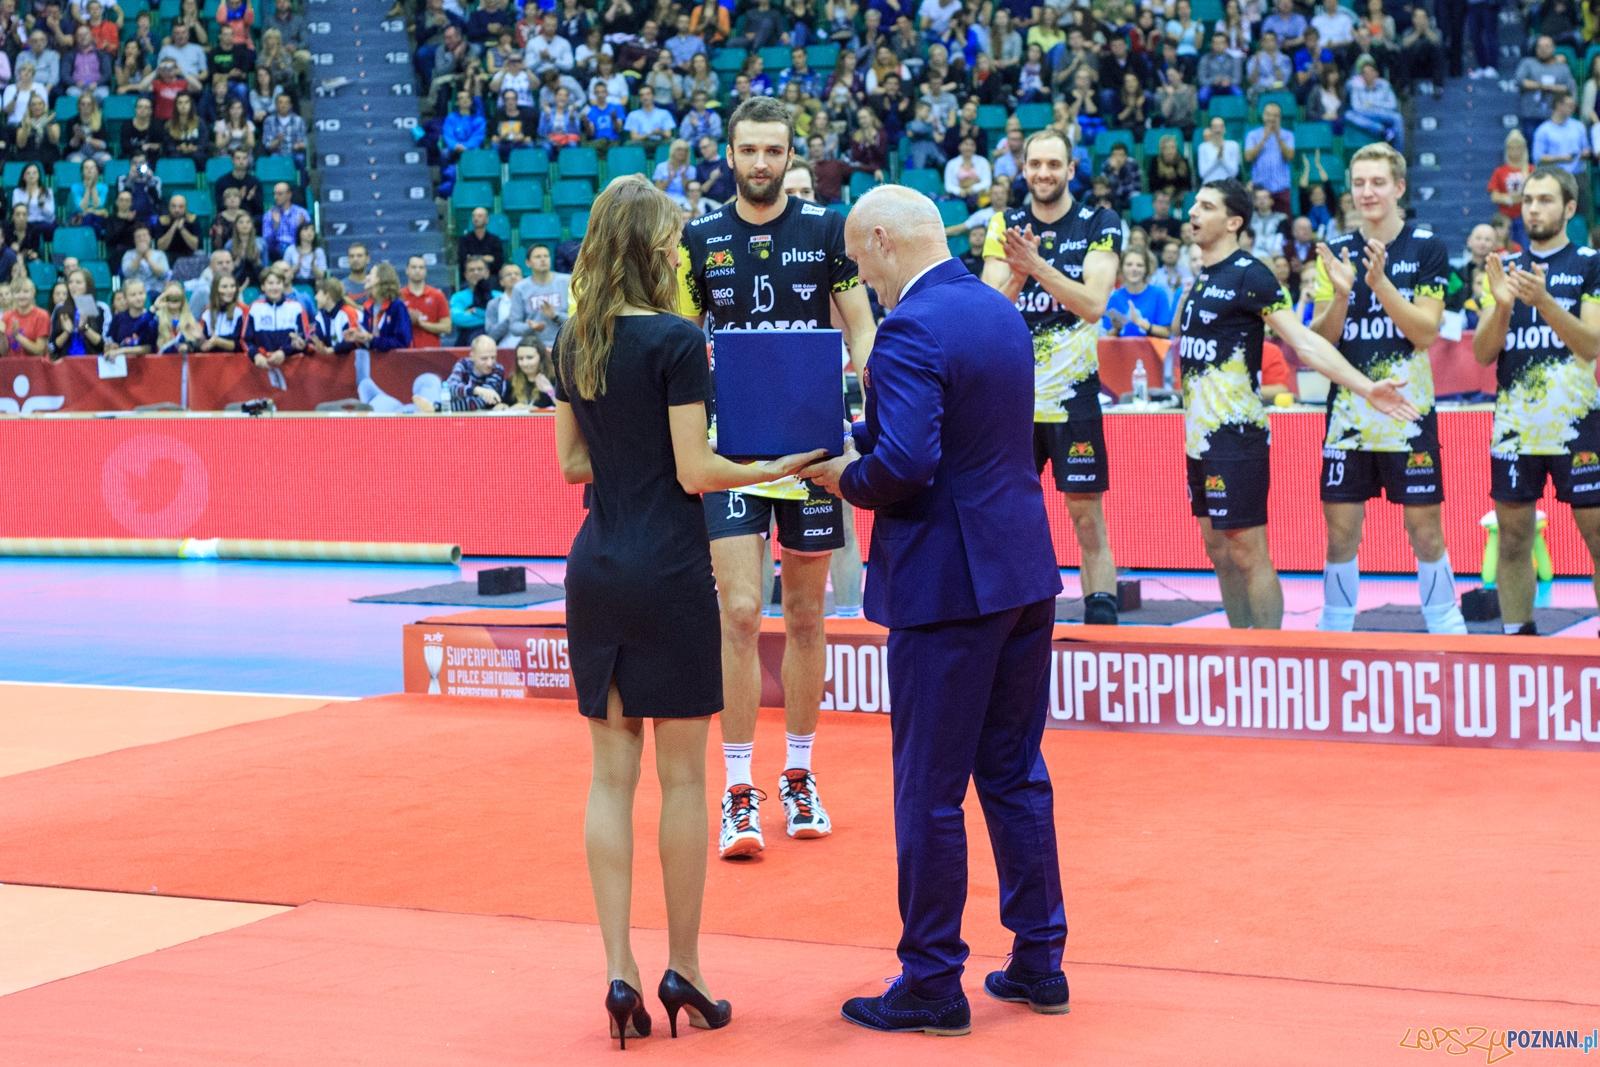 Superpuchar 2015 w piłce siatkowej mężczyzn: Asseco Resovia  Foto: lepszyPOZNAN.pl / Piotr Rychter